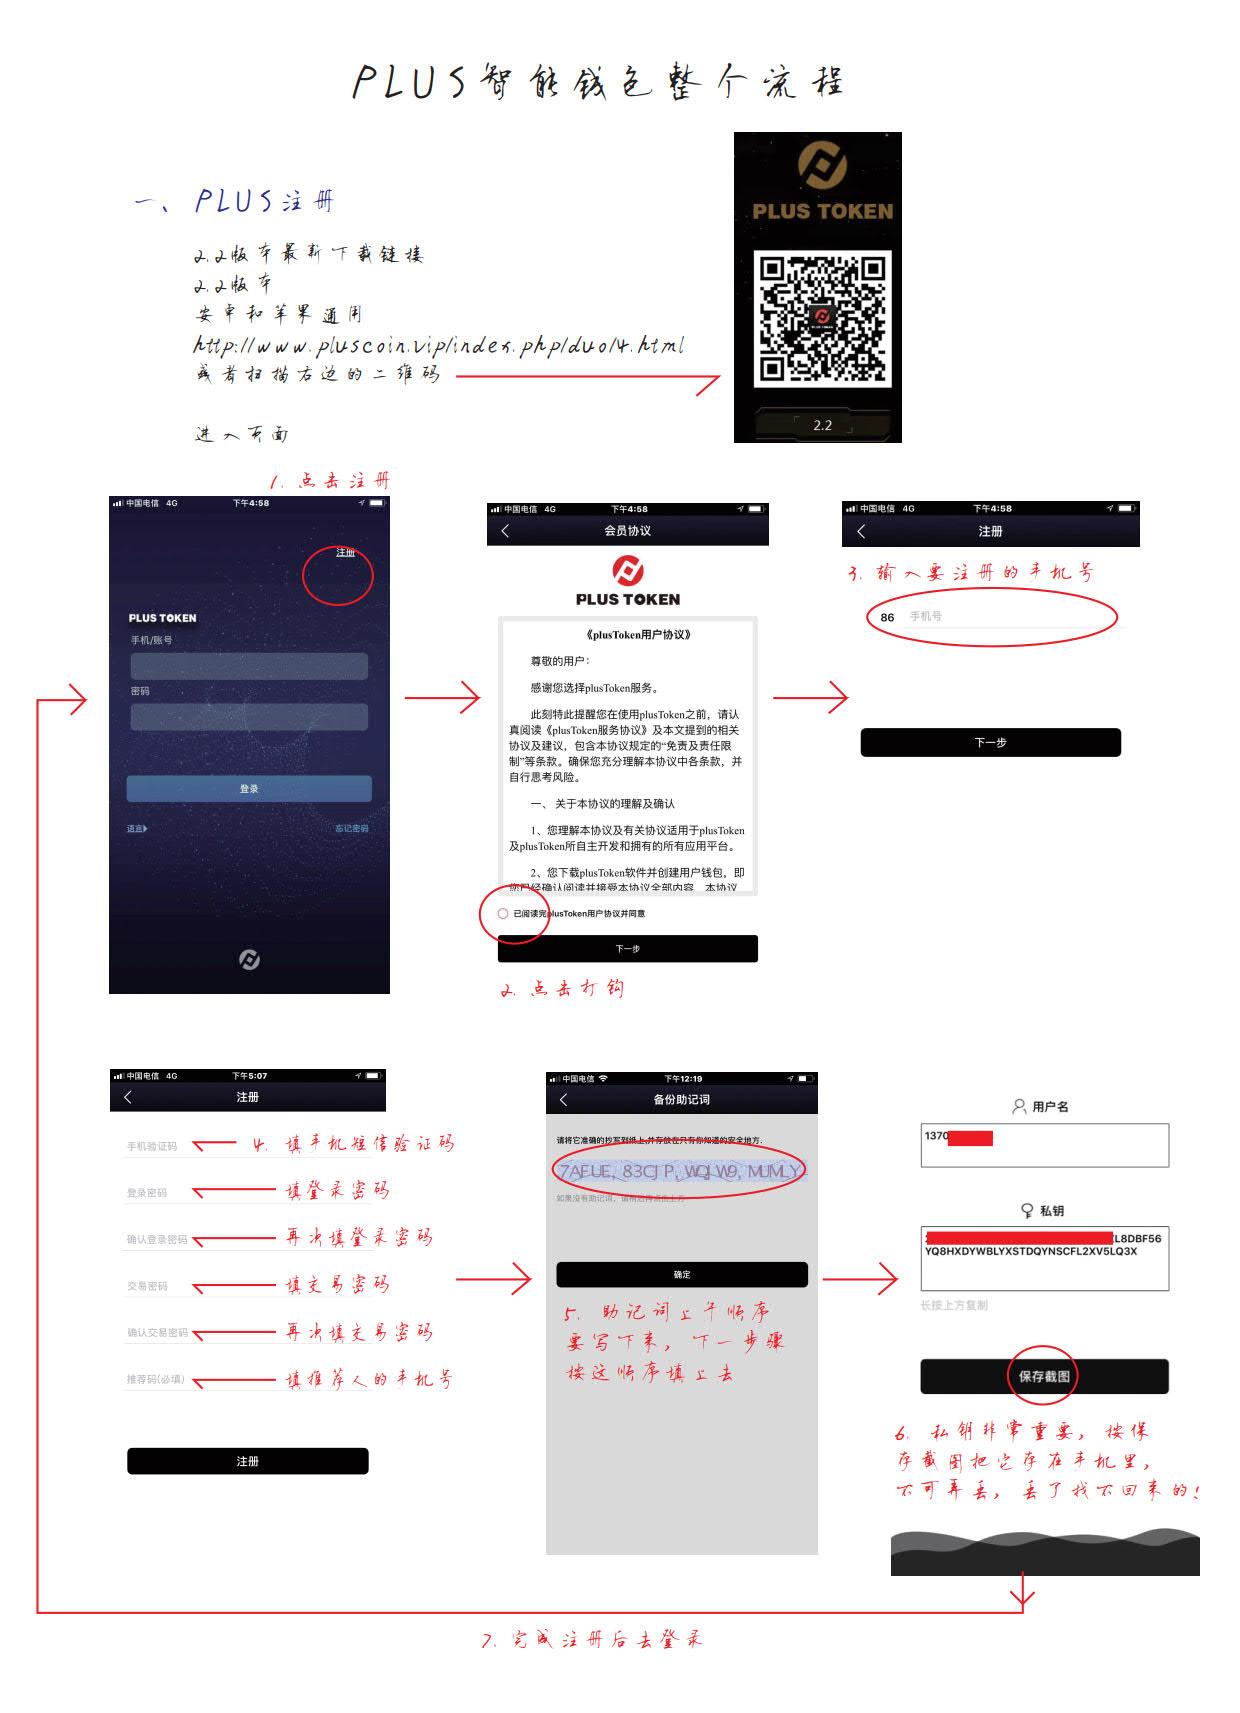 PLUS的注册-买币-卖币等流程_1.jpg